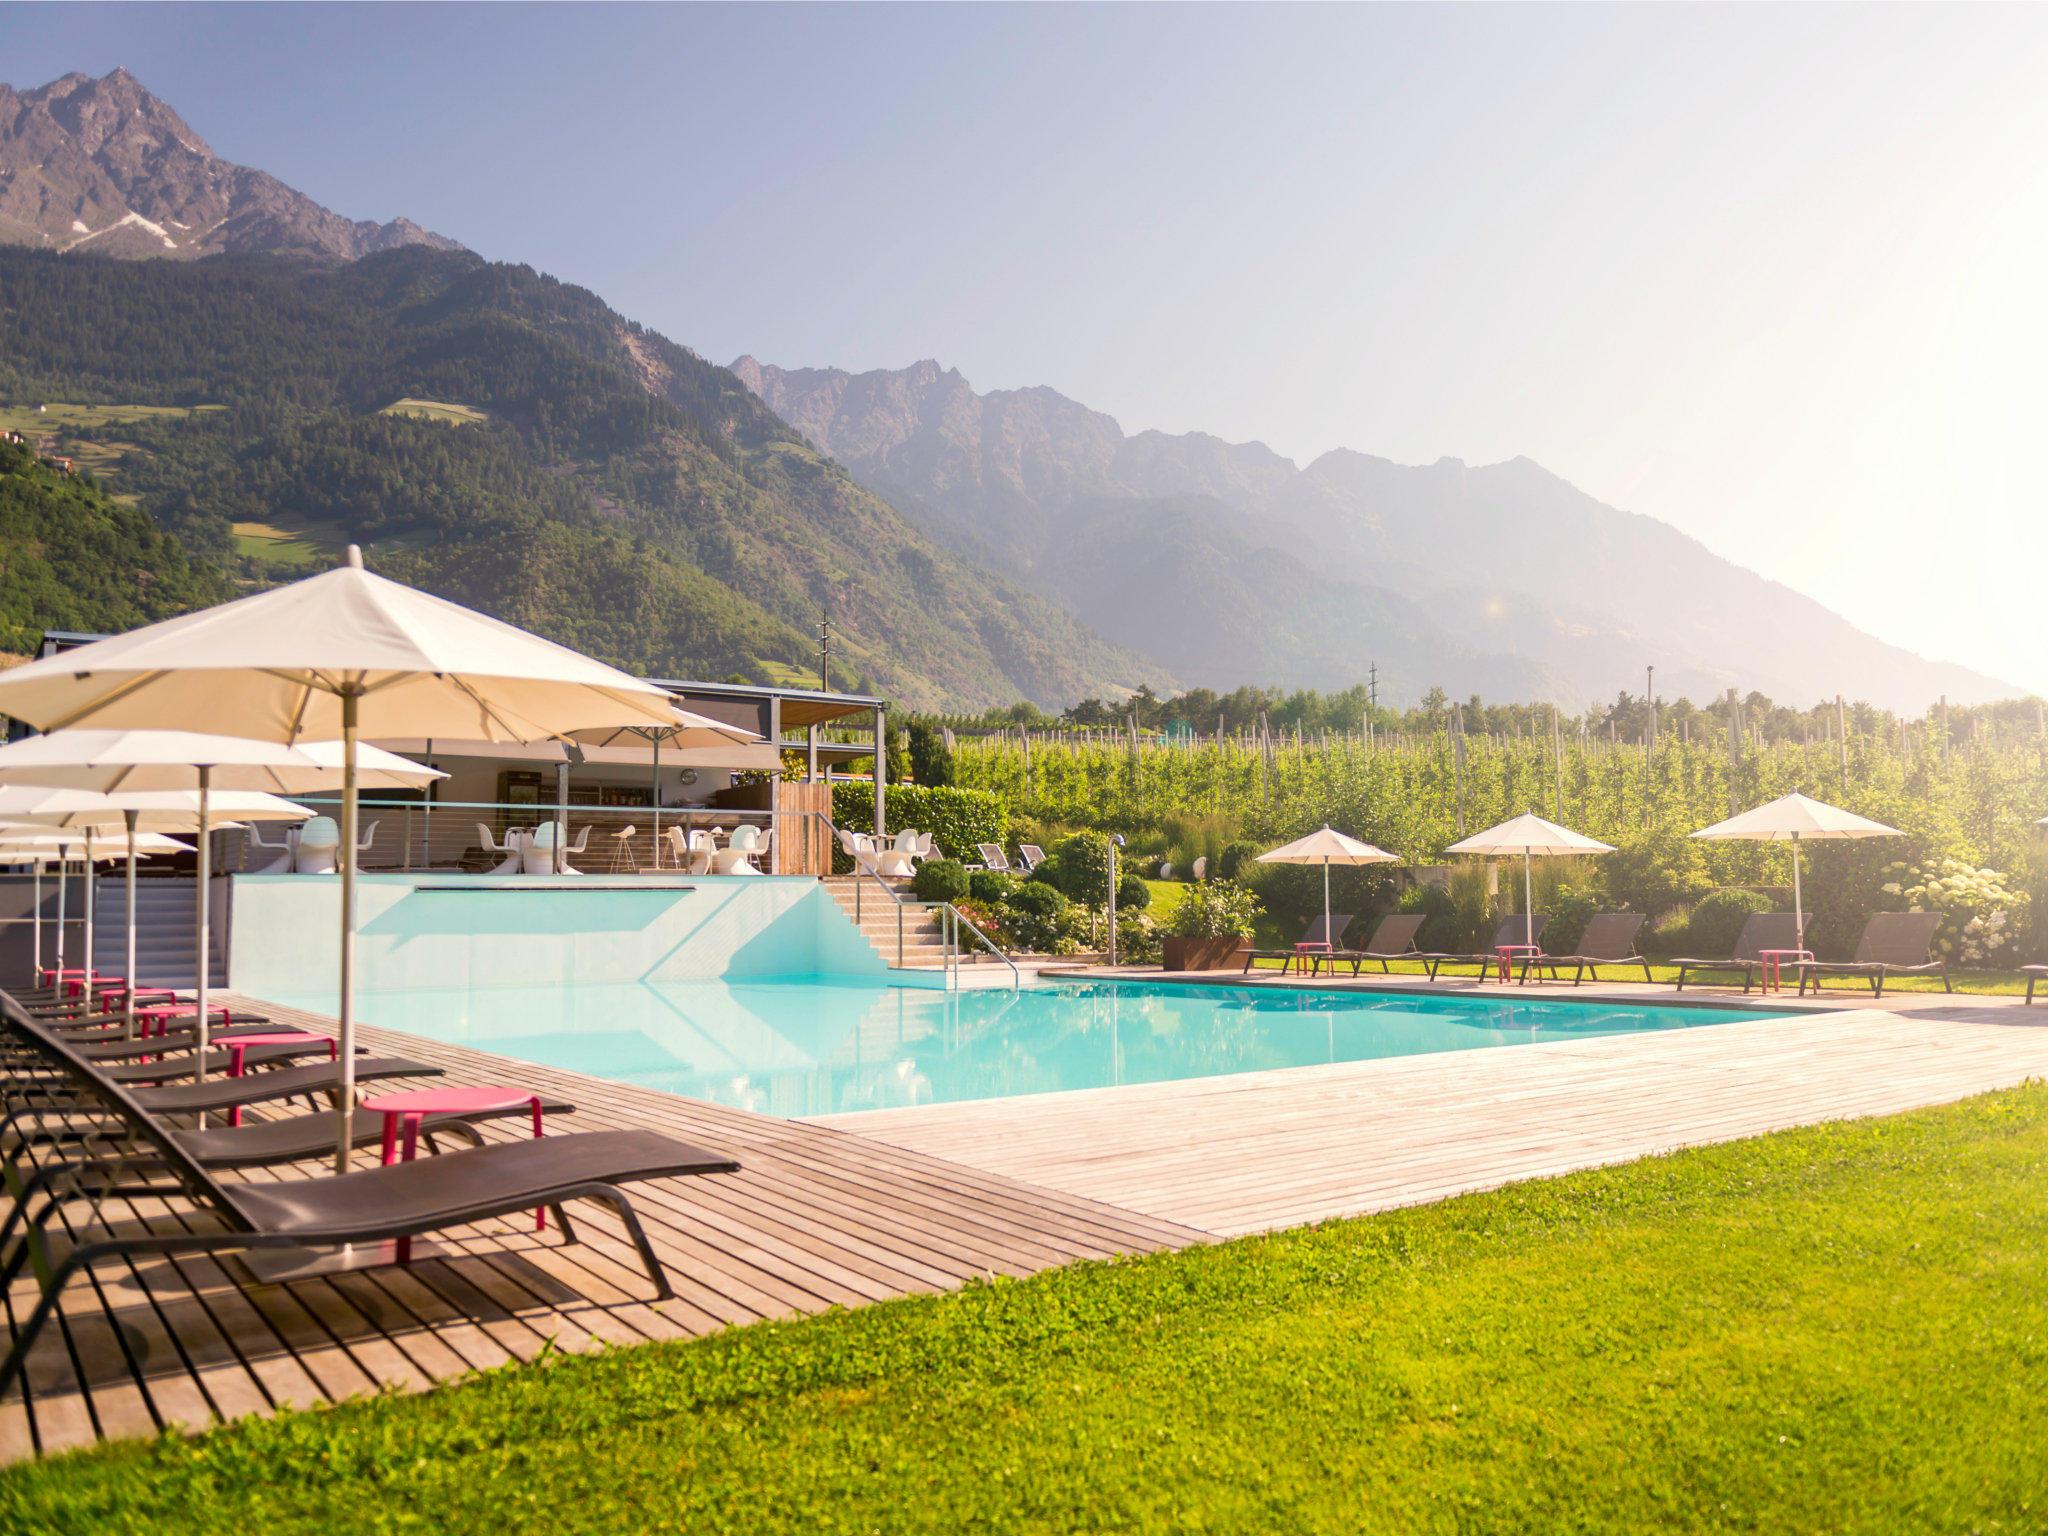 Design hotel tyrol in parcines partschins holidaycheck for Designhotel italien